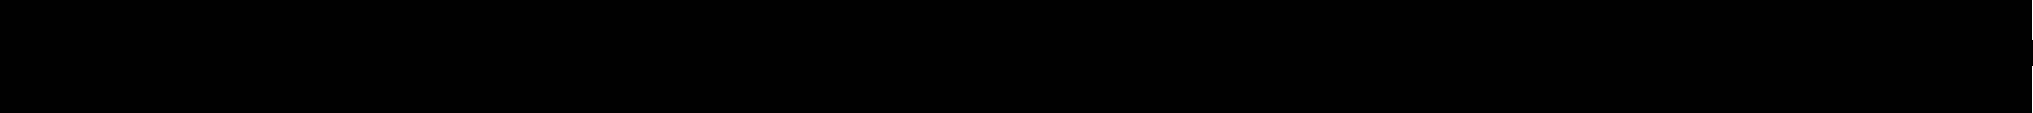 Chancery font